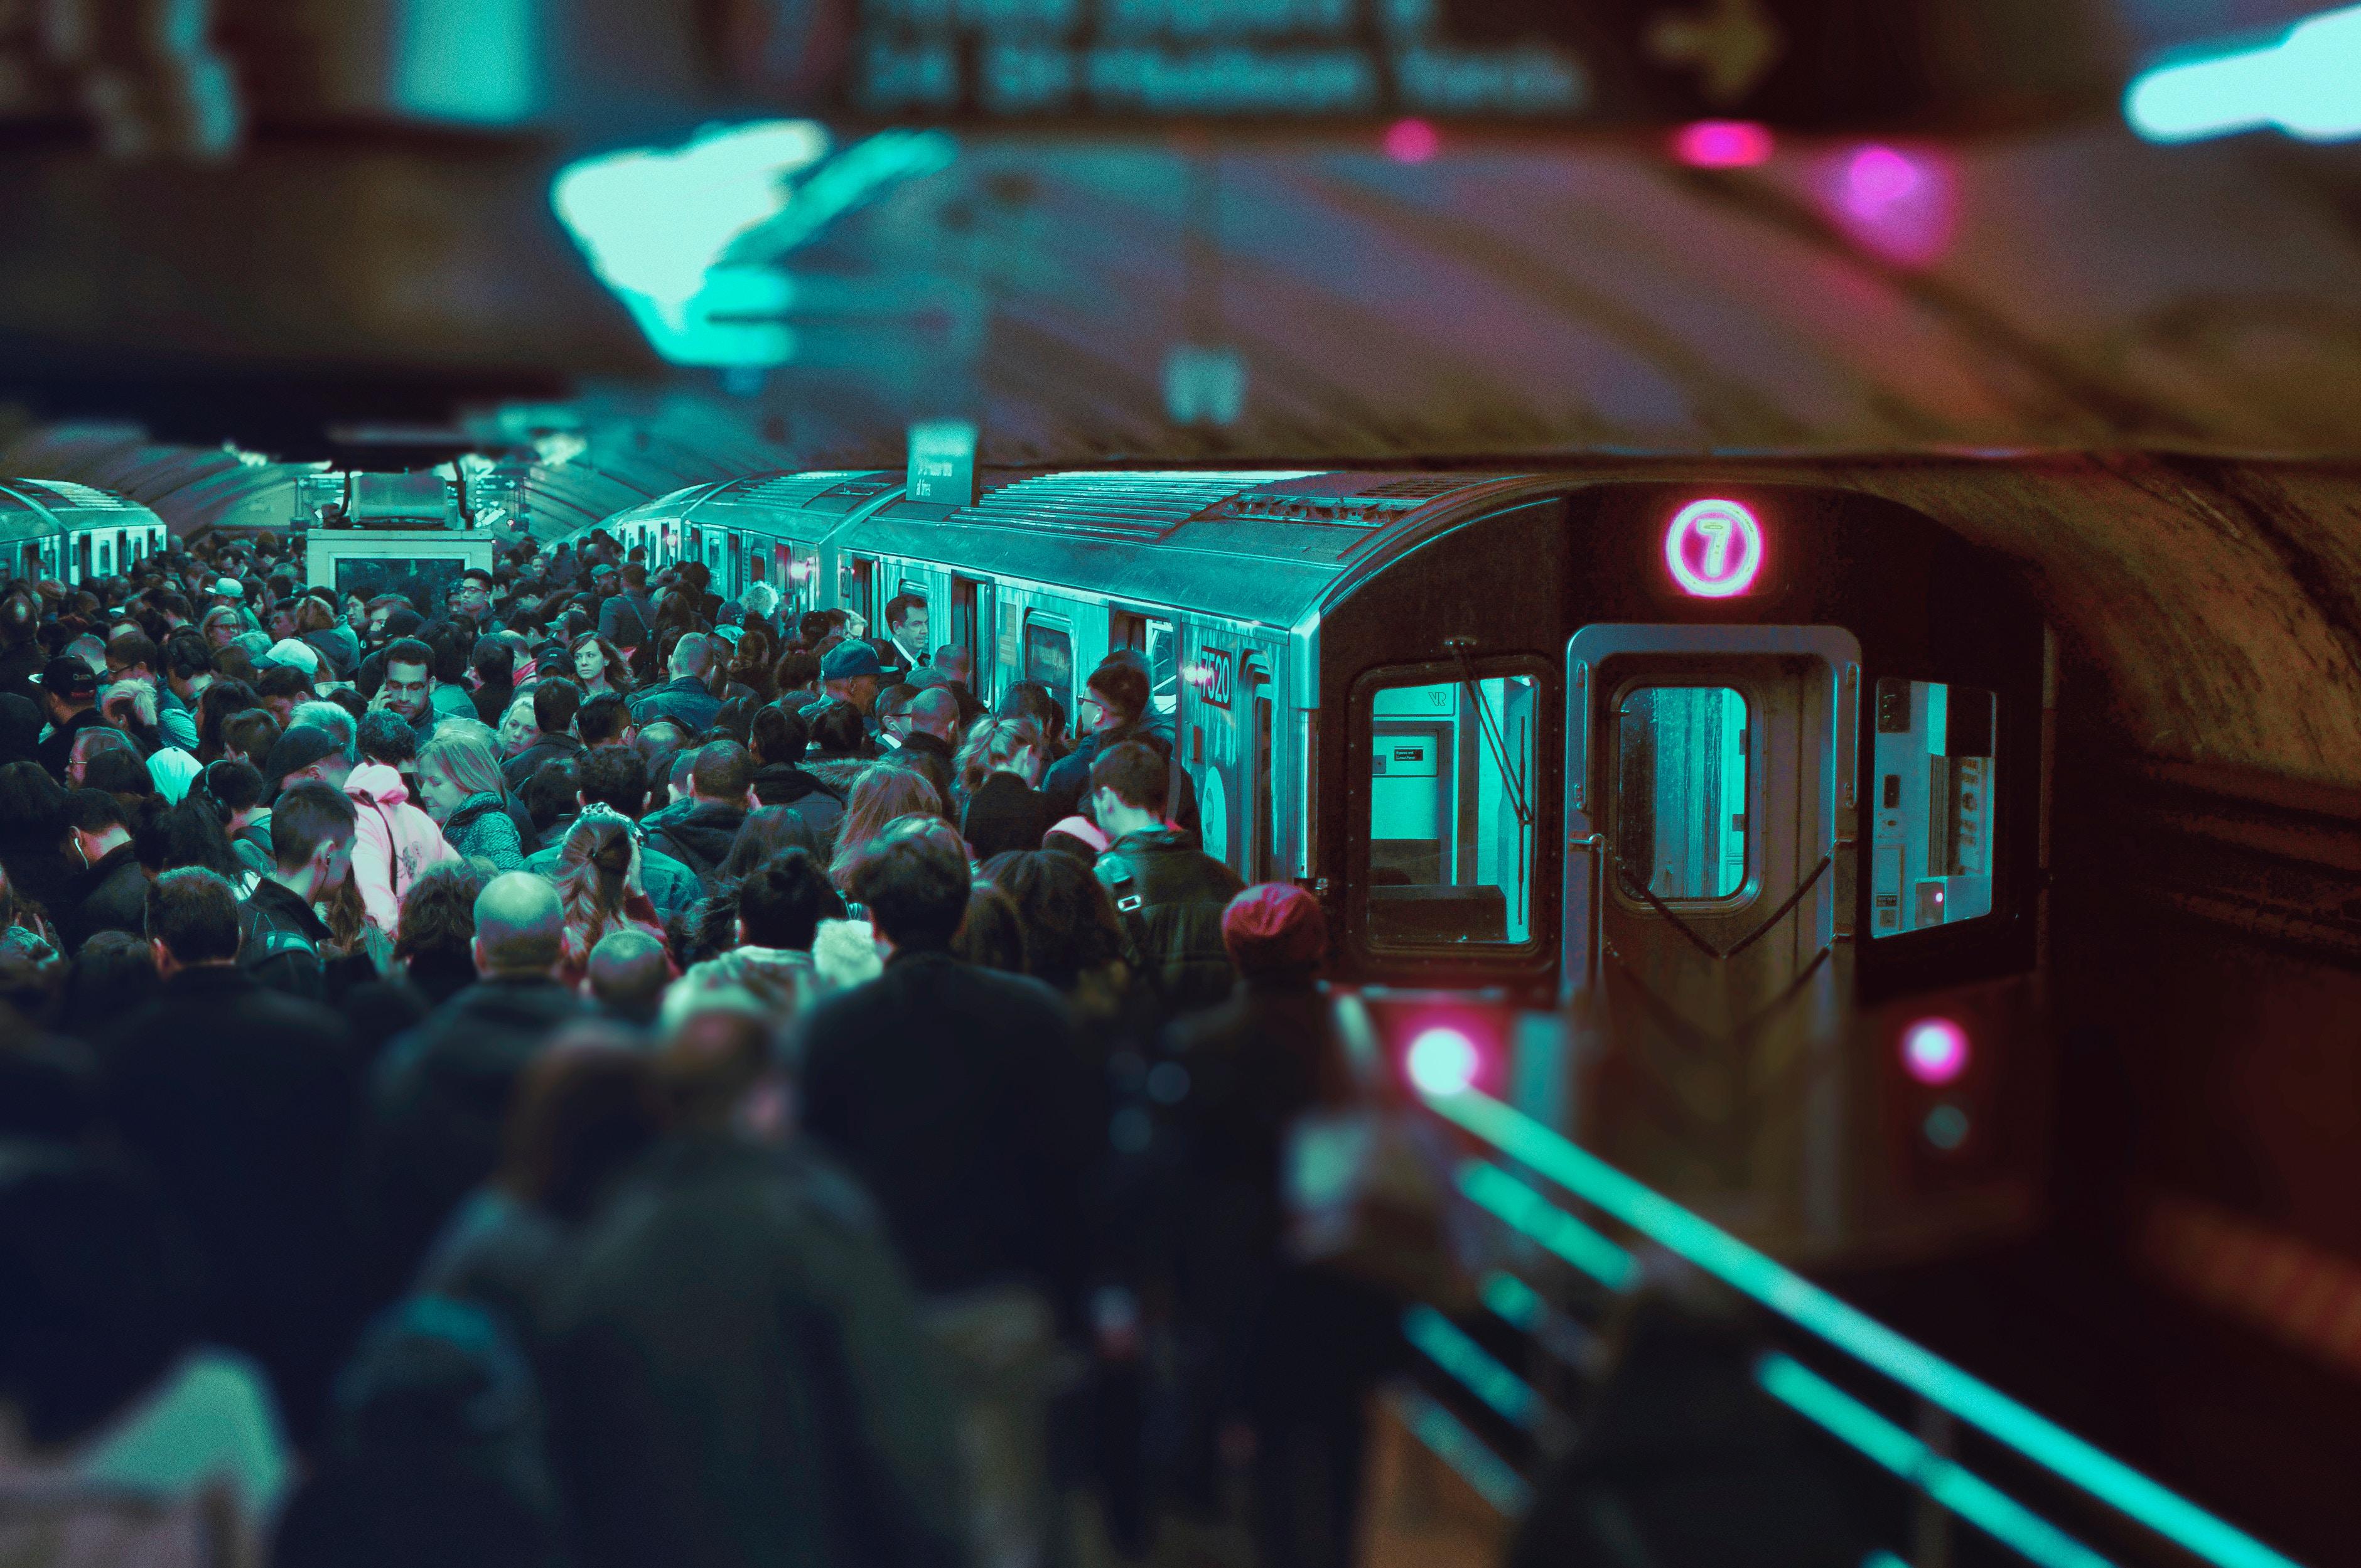 Public Transport Public Nuisance